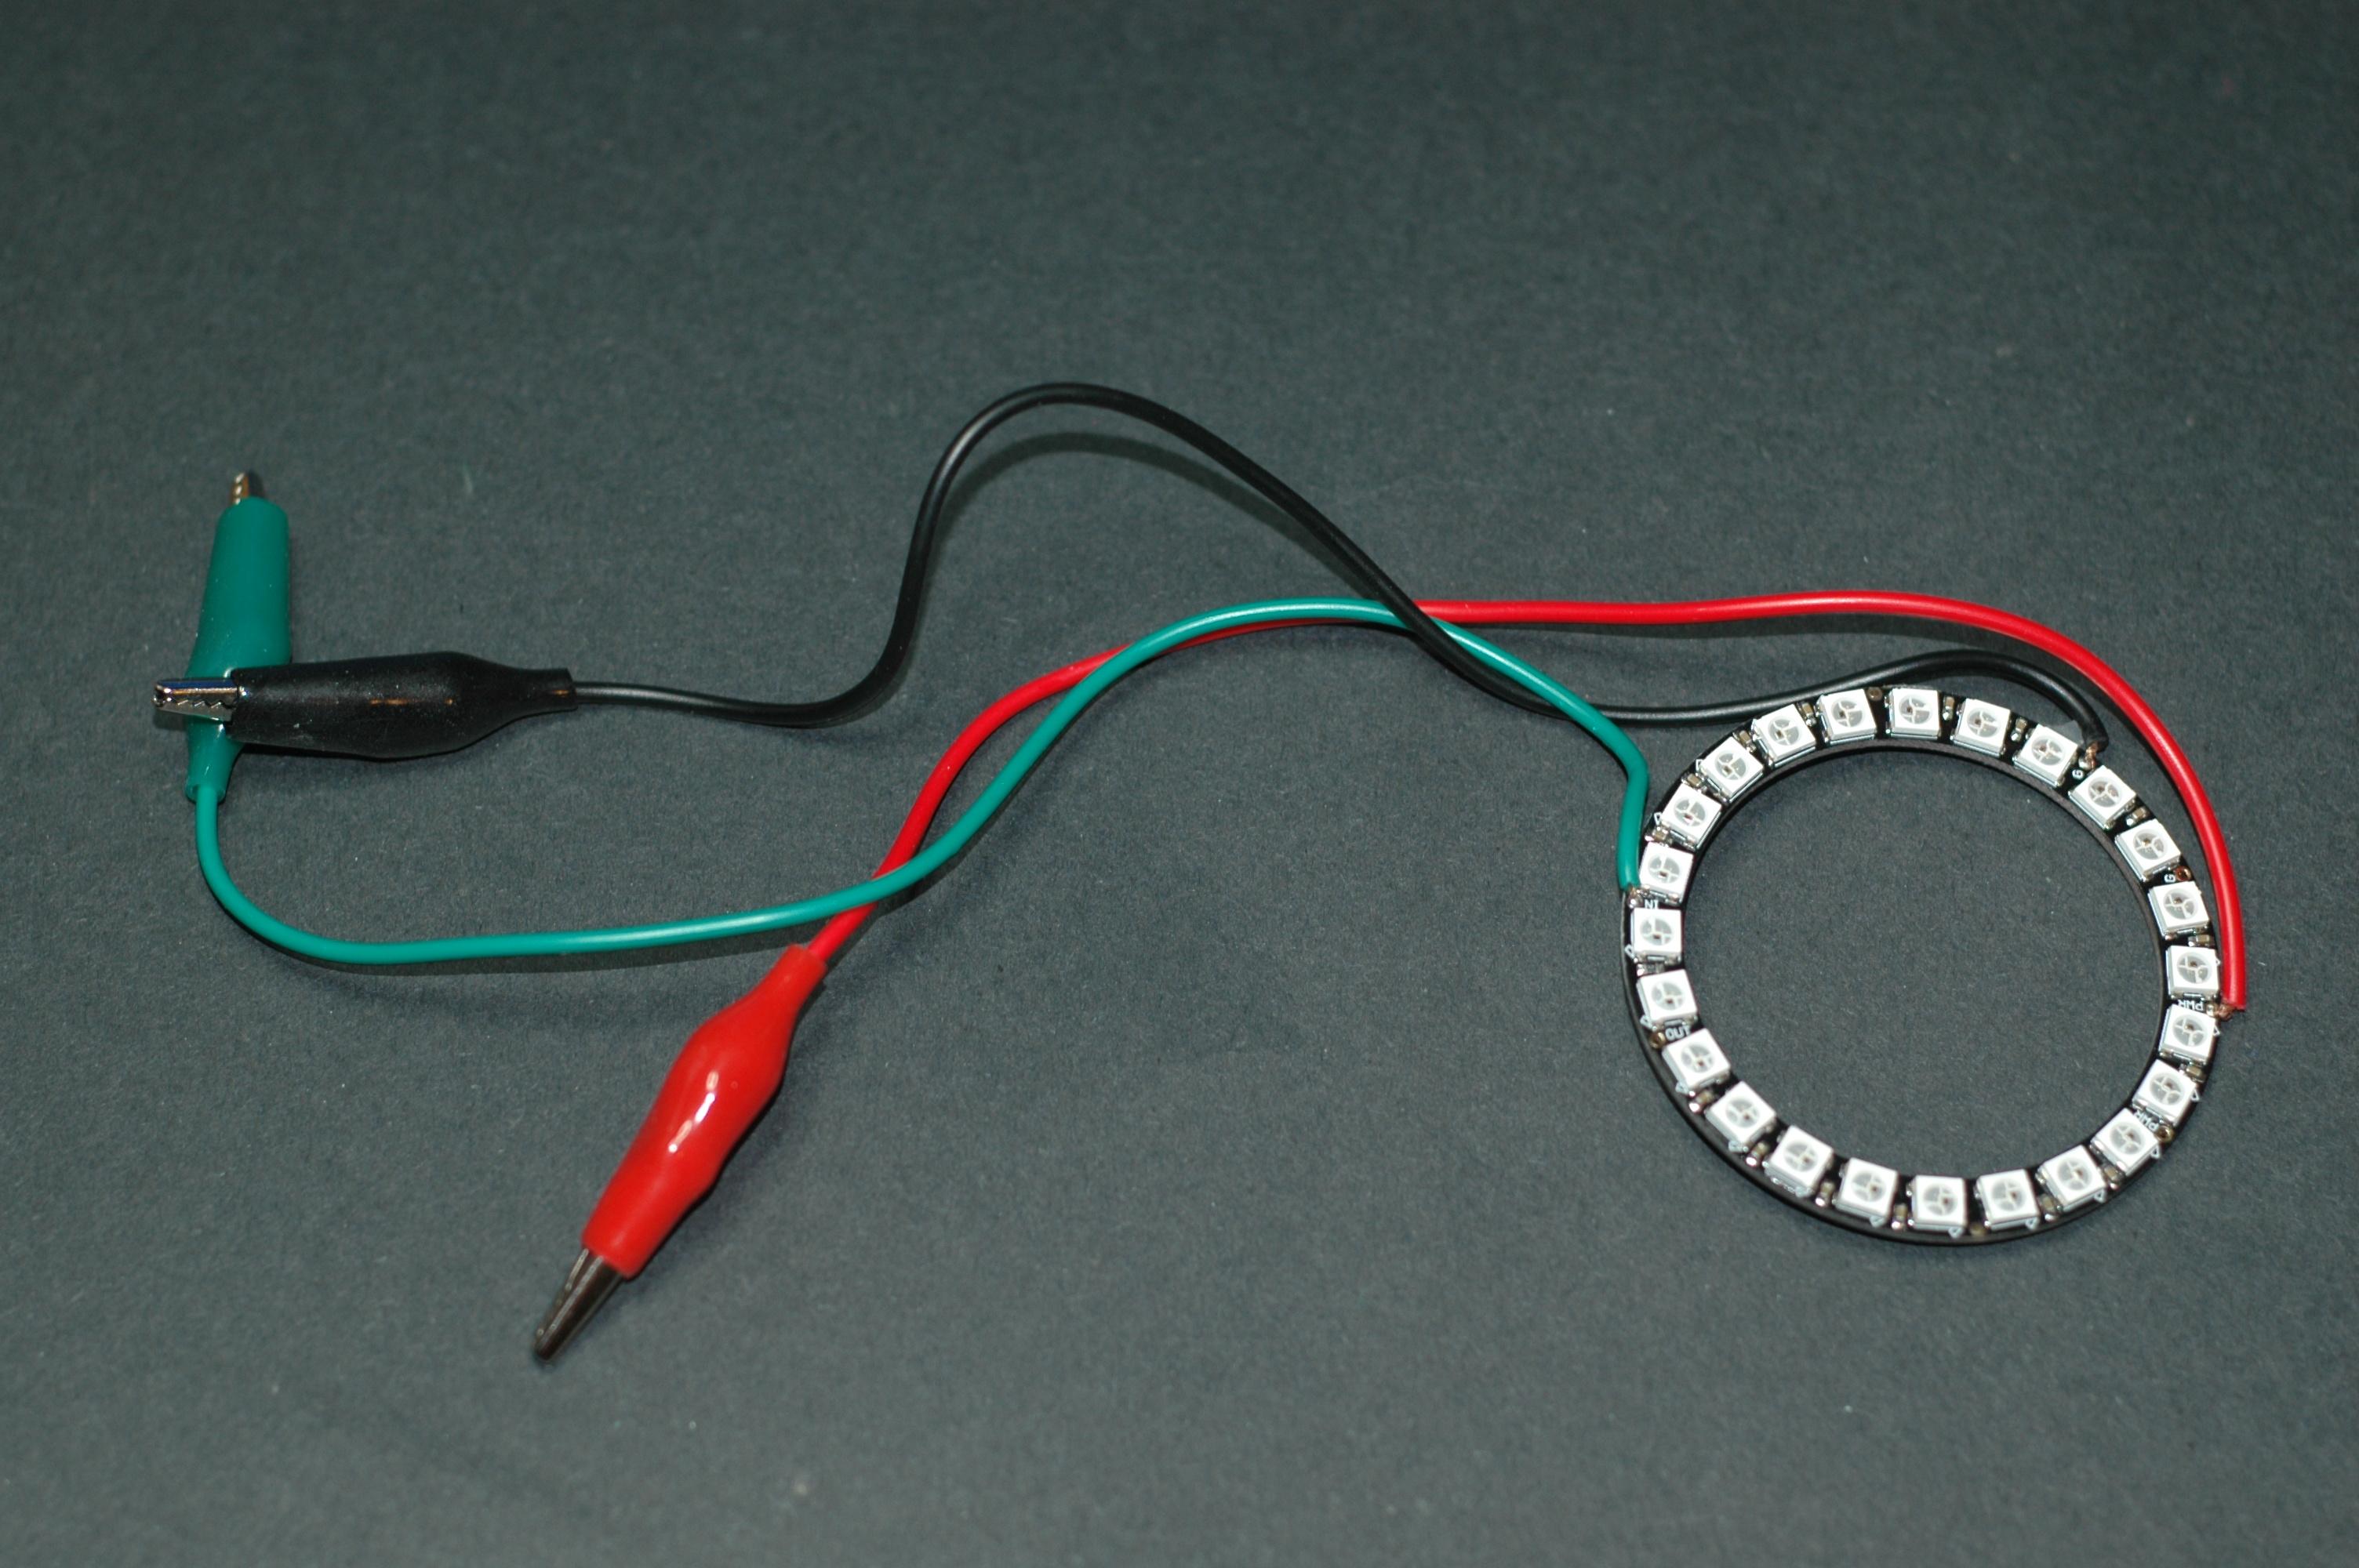 micropython___circuitpython_neopixel-ring.jpg